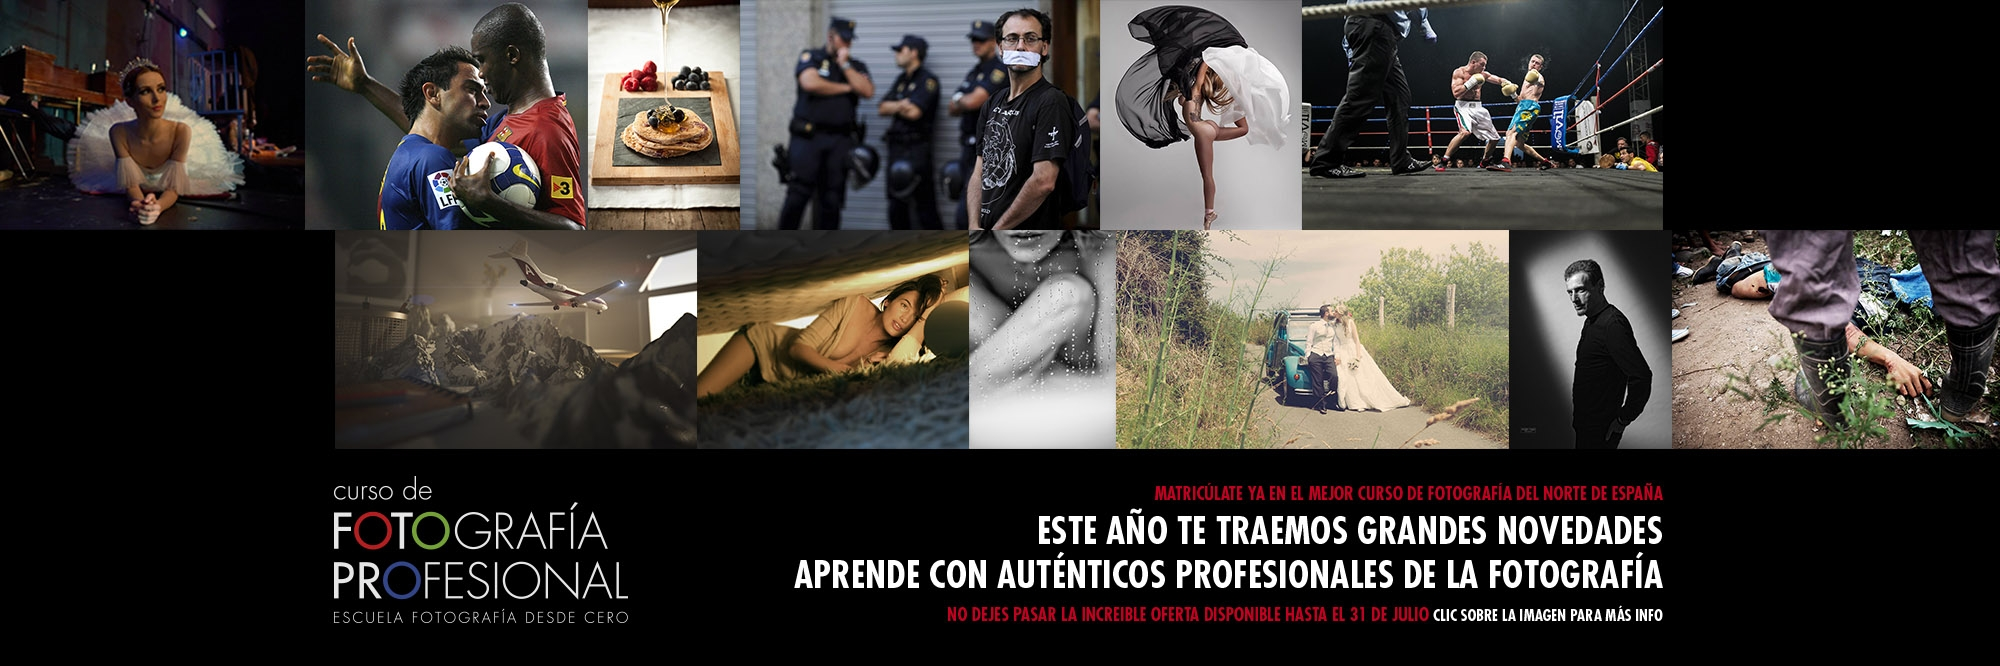 CURSO DE FOTOGRAFÍA PROFESIONAL